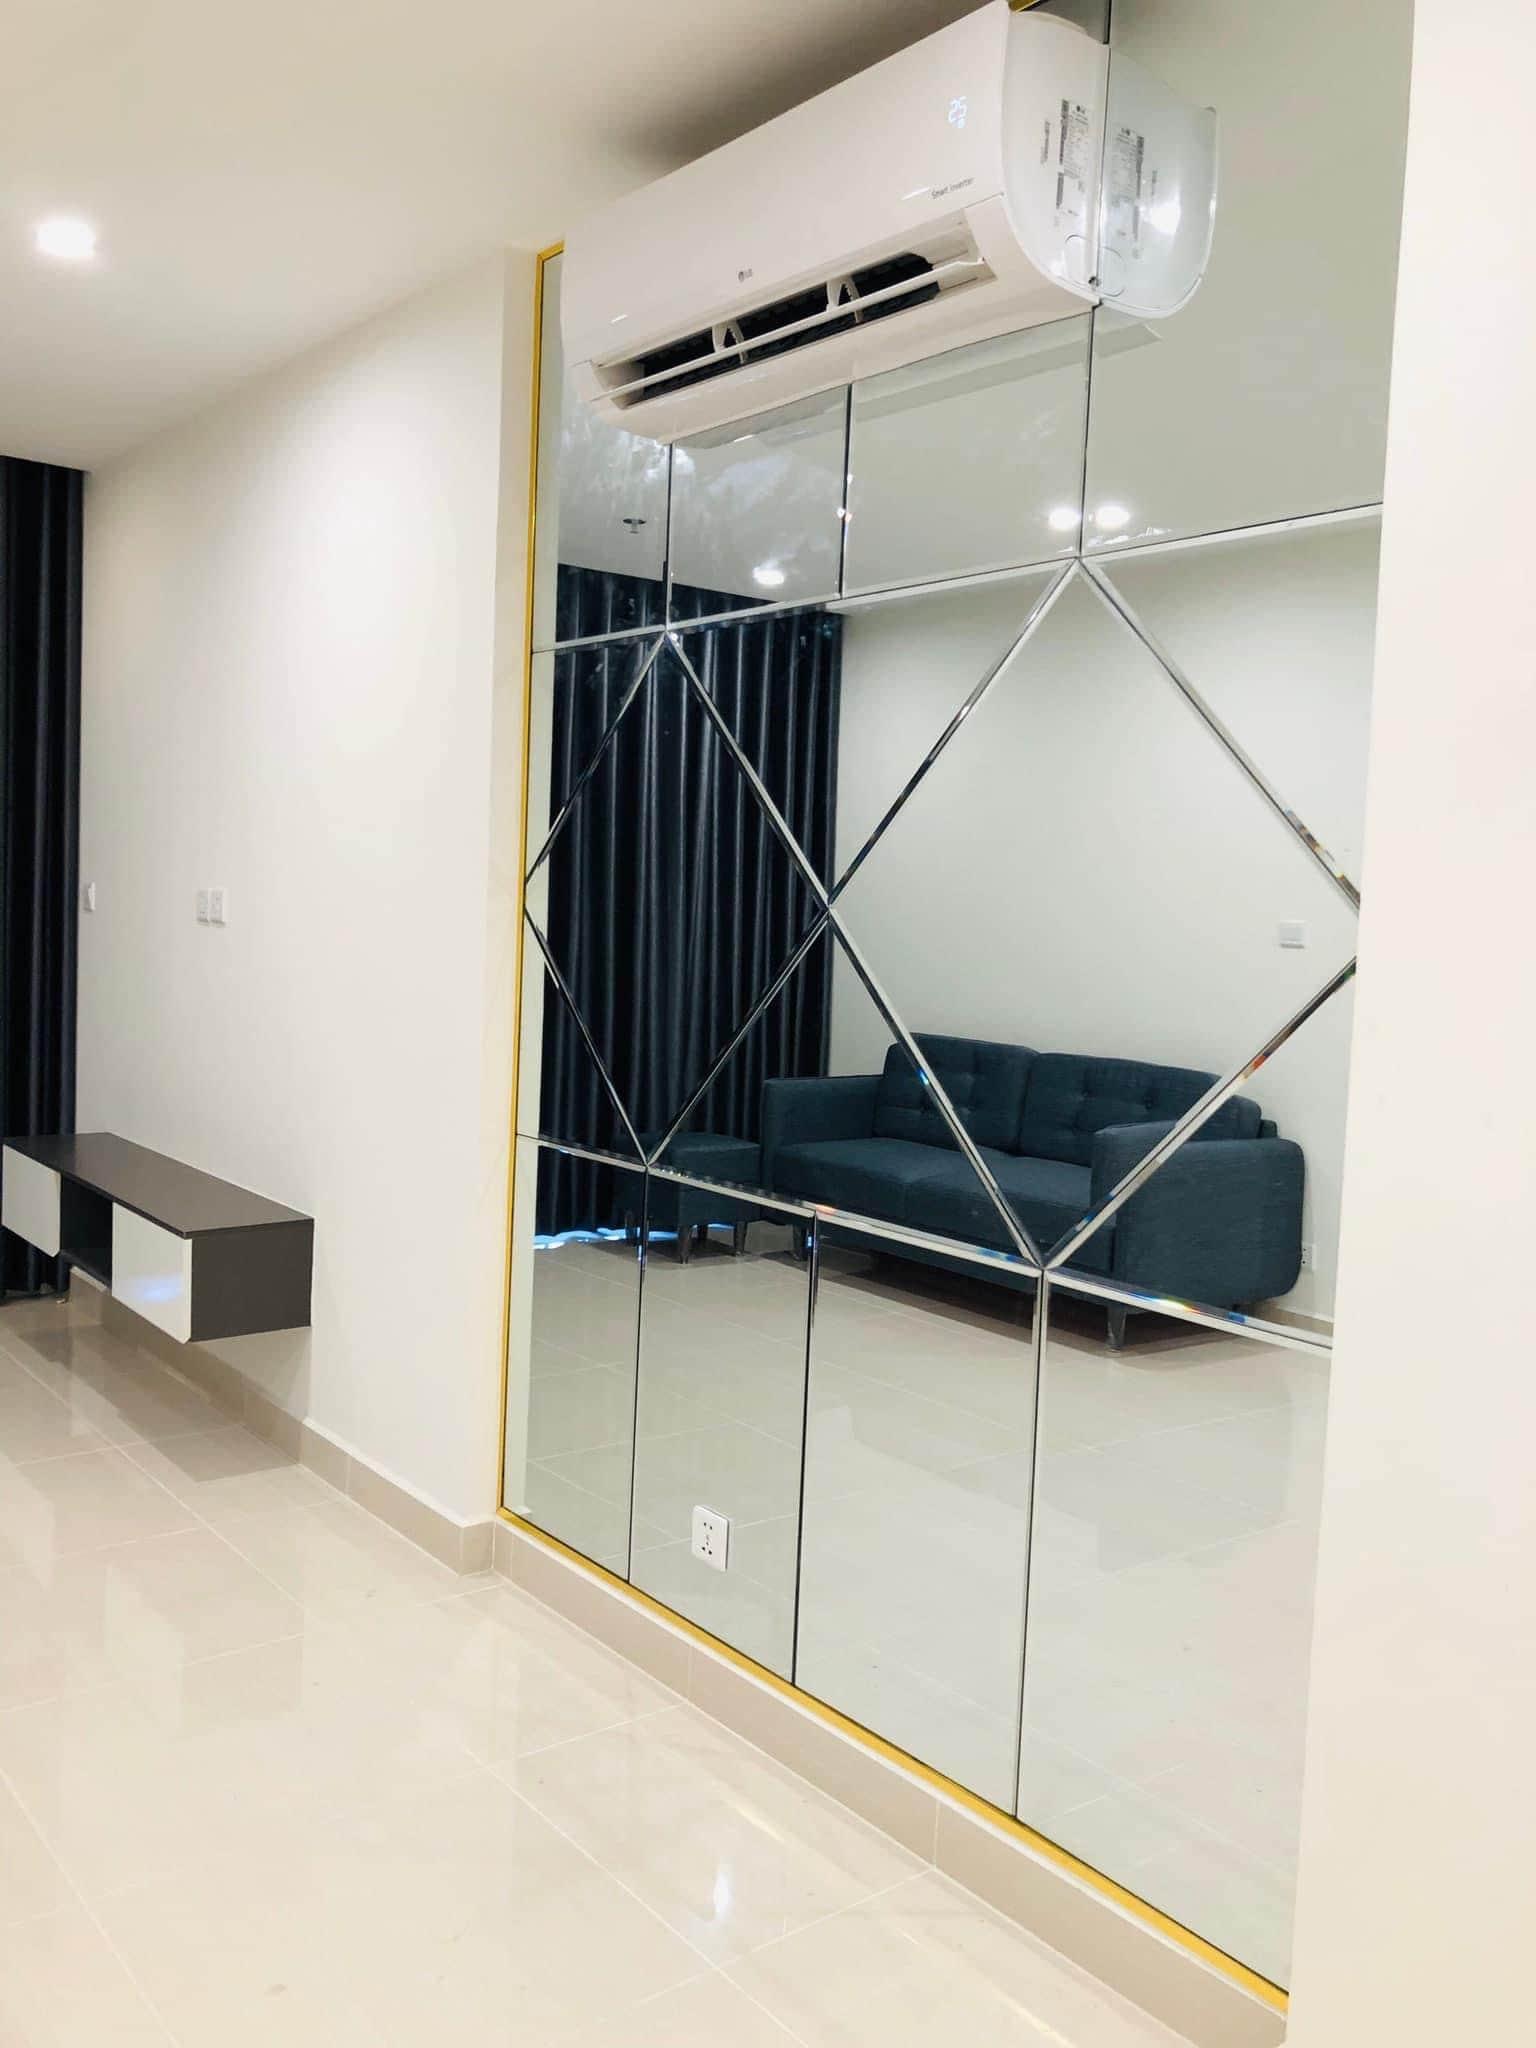 Căn hộ 2 phòng ngủ 1wc tầng 10 S1.02 Vinhomes Grand Park 6tr/tháng 2